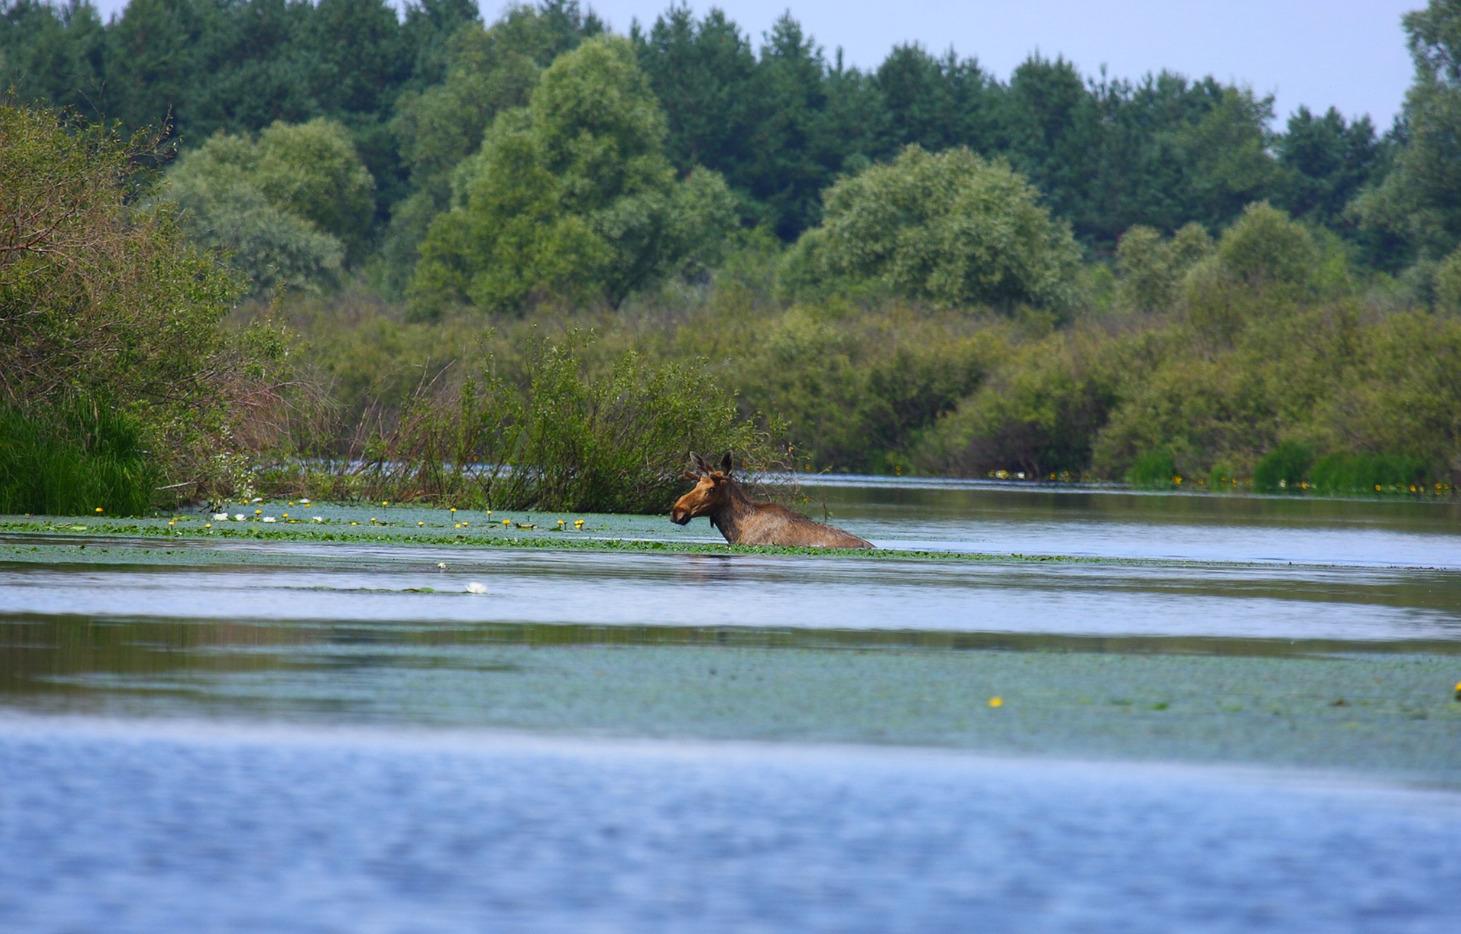 Μια άλκη κολυμπάει... Φωτο: Φωτο: Valeriy Yurko